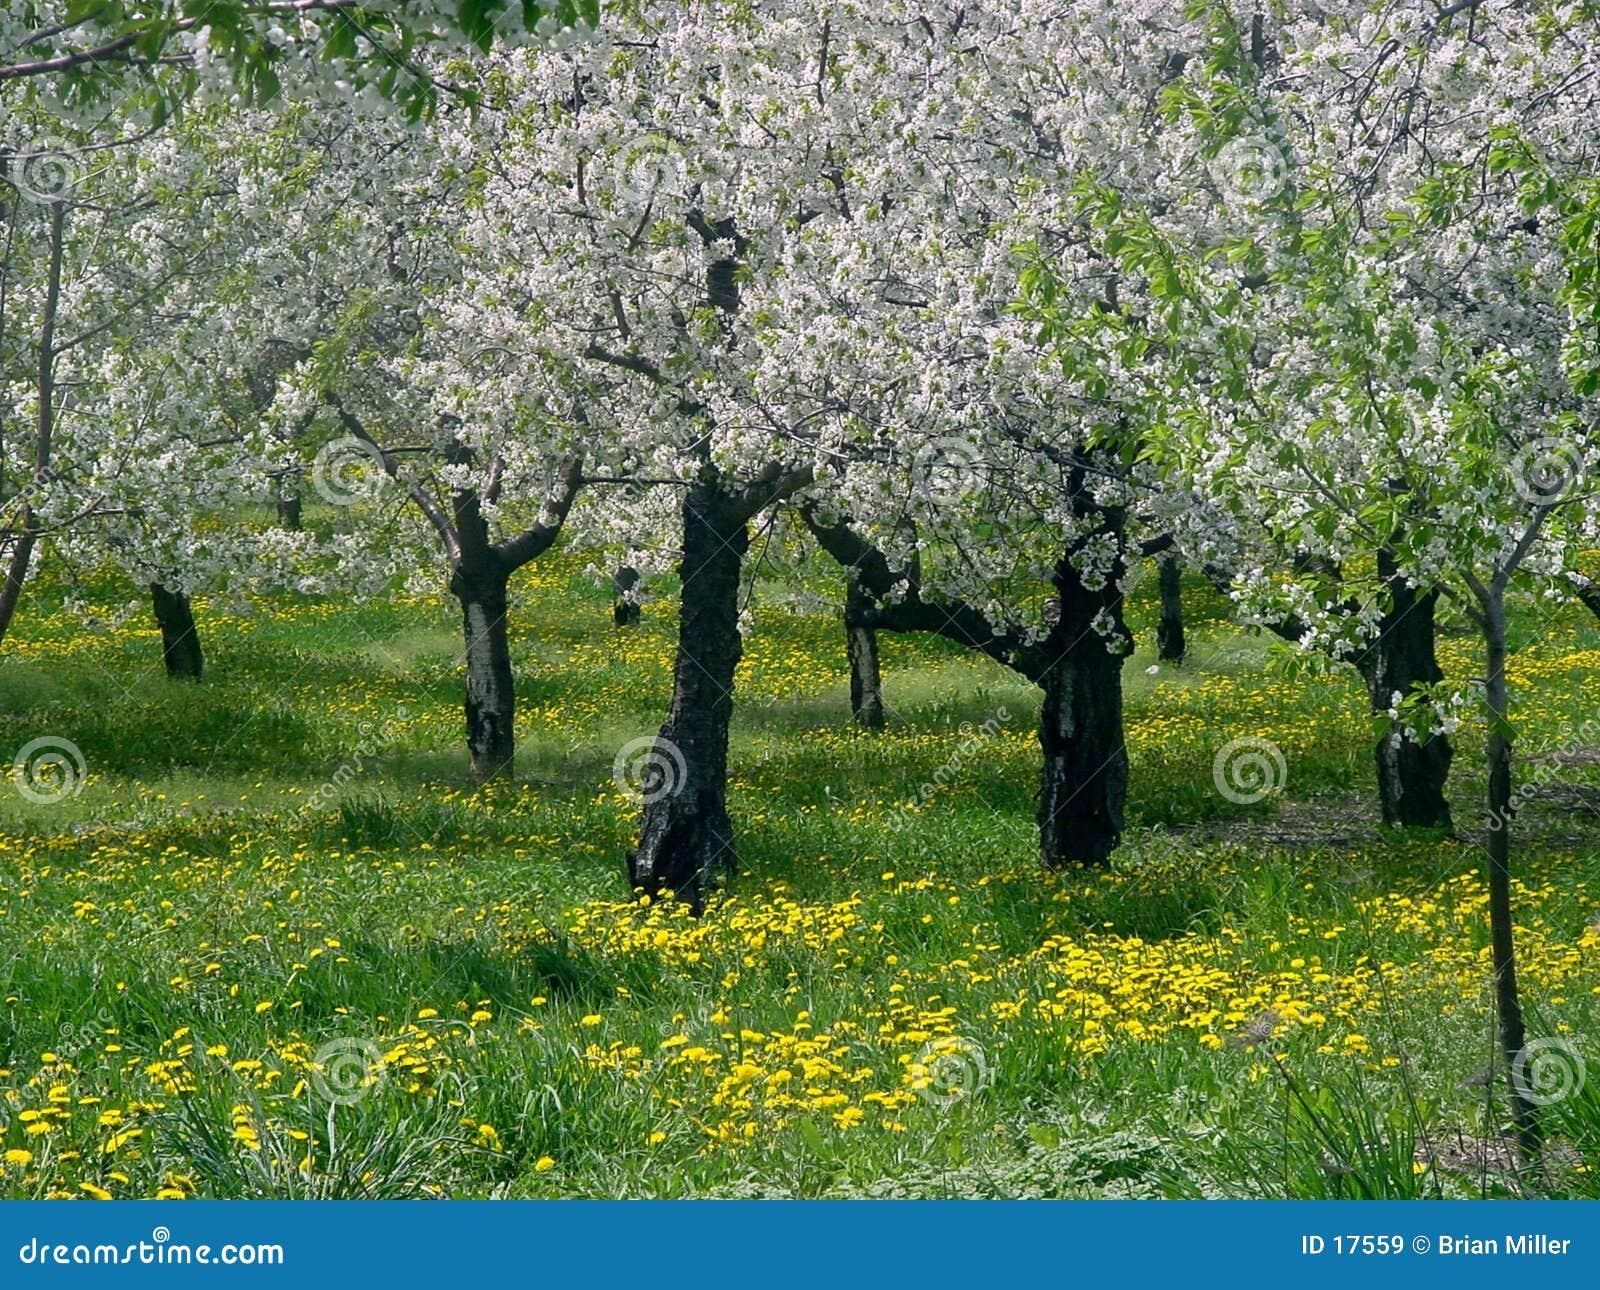 Leelanau Cherry Trees